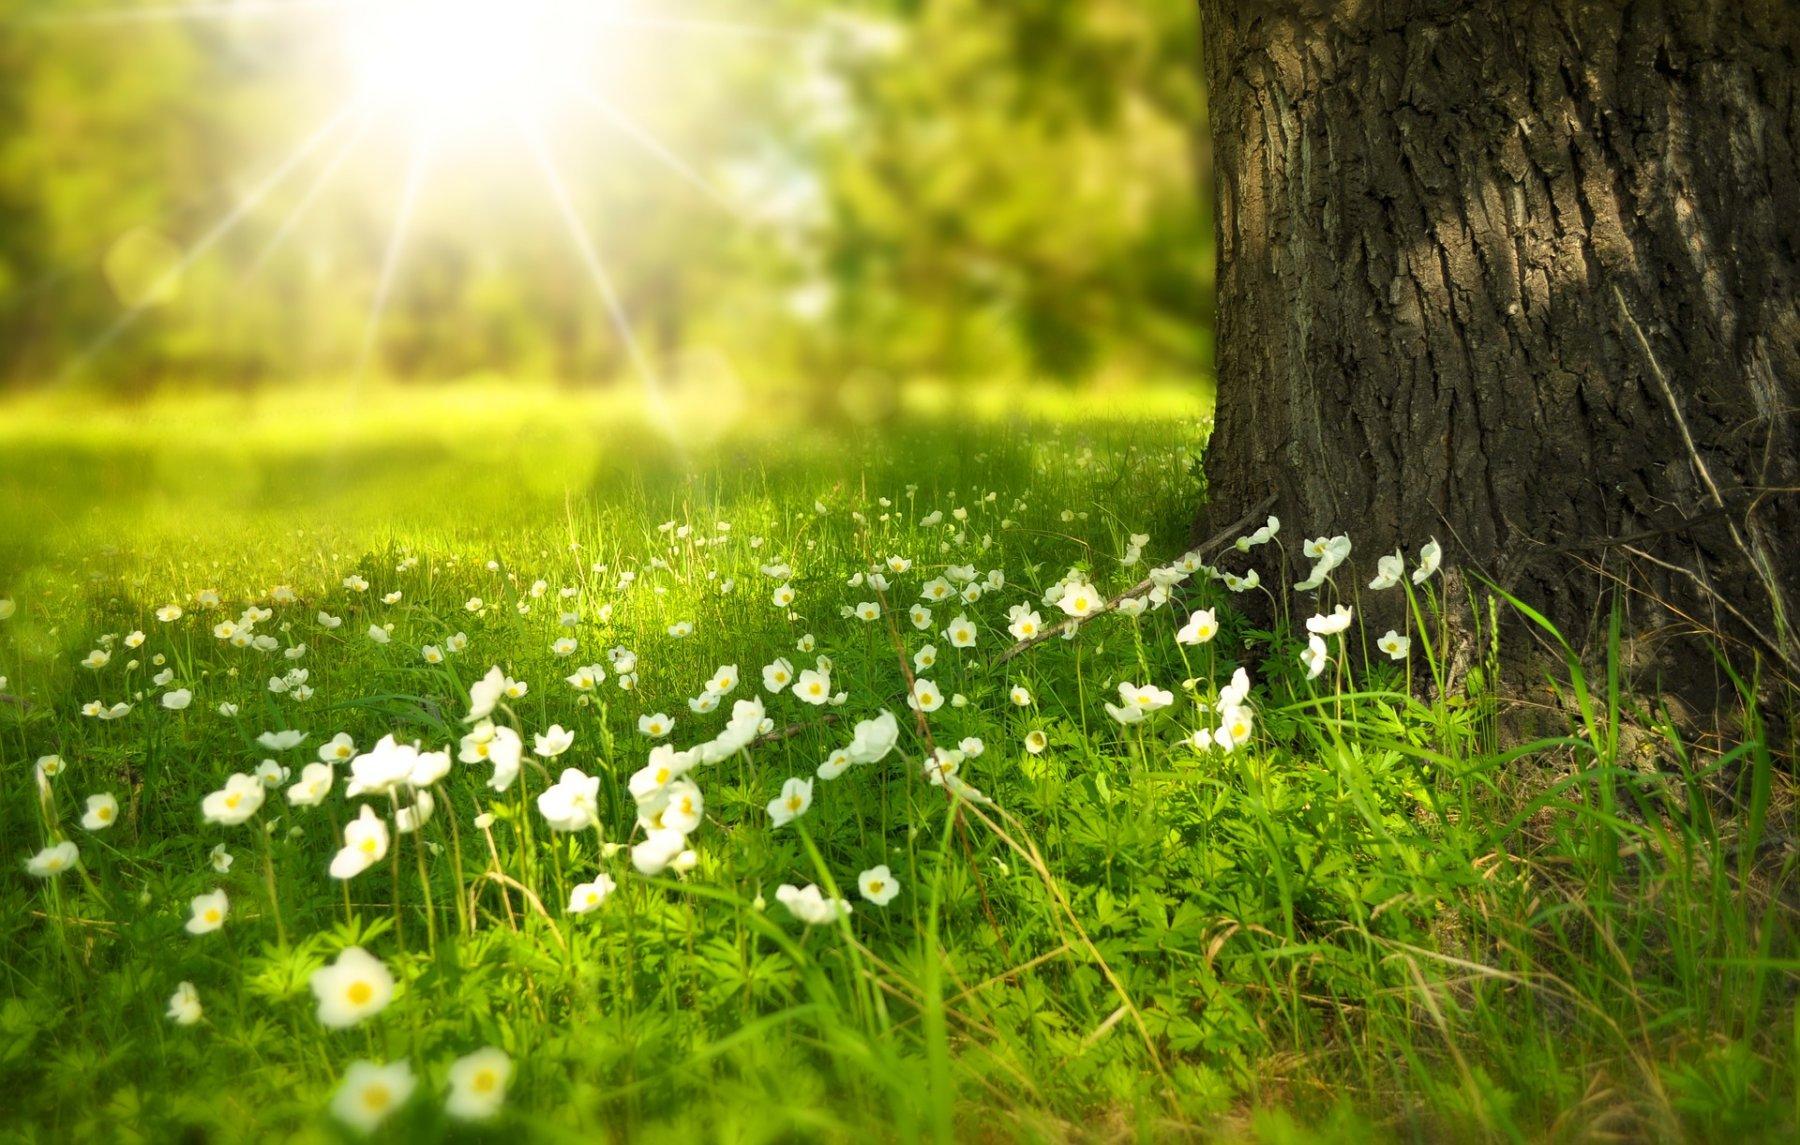 Más del 50% de la población ve como sus niveles de energía se ven reducidos con la luminosa llegada de la primavera.